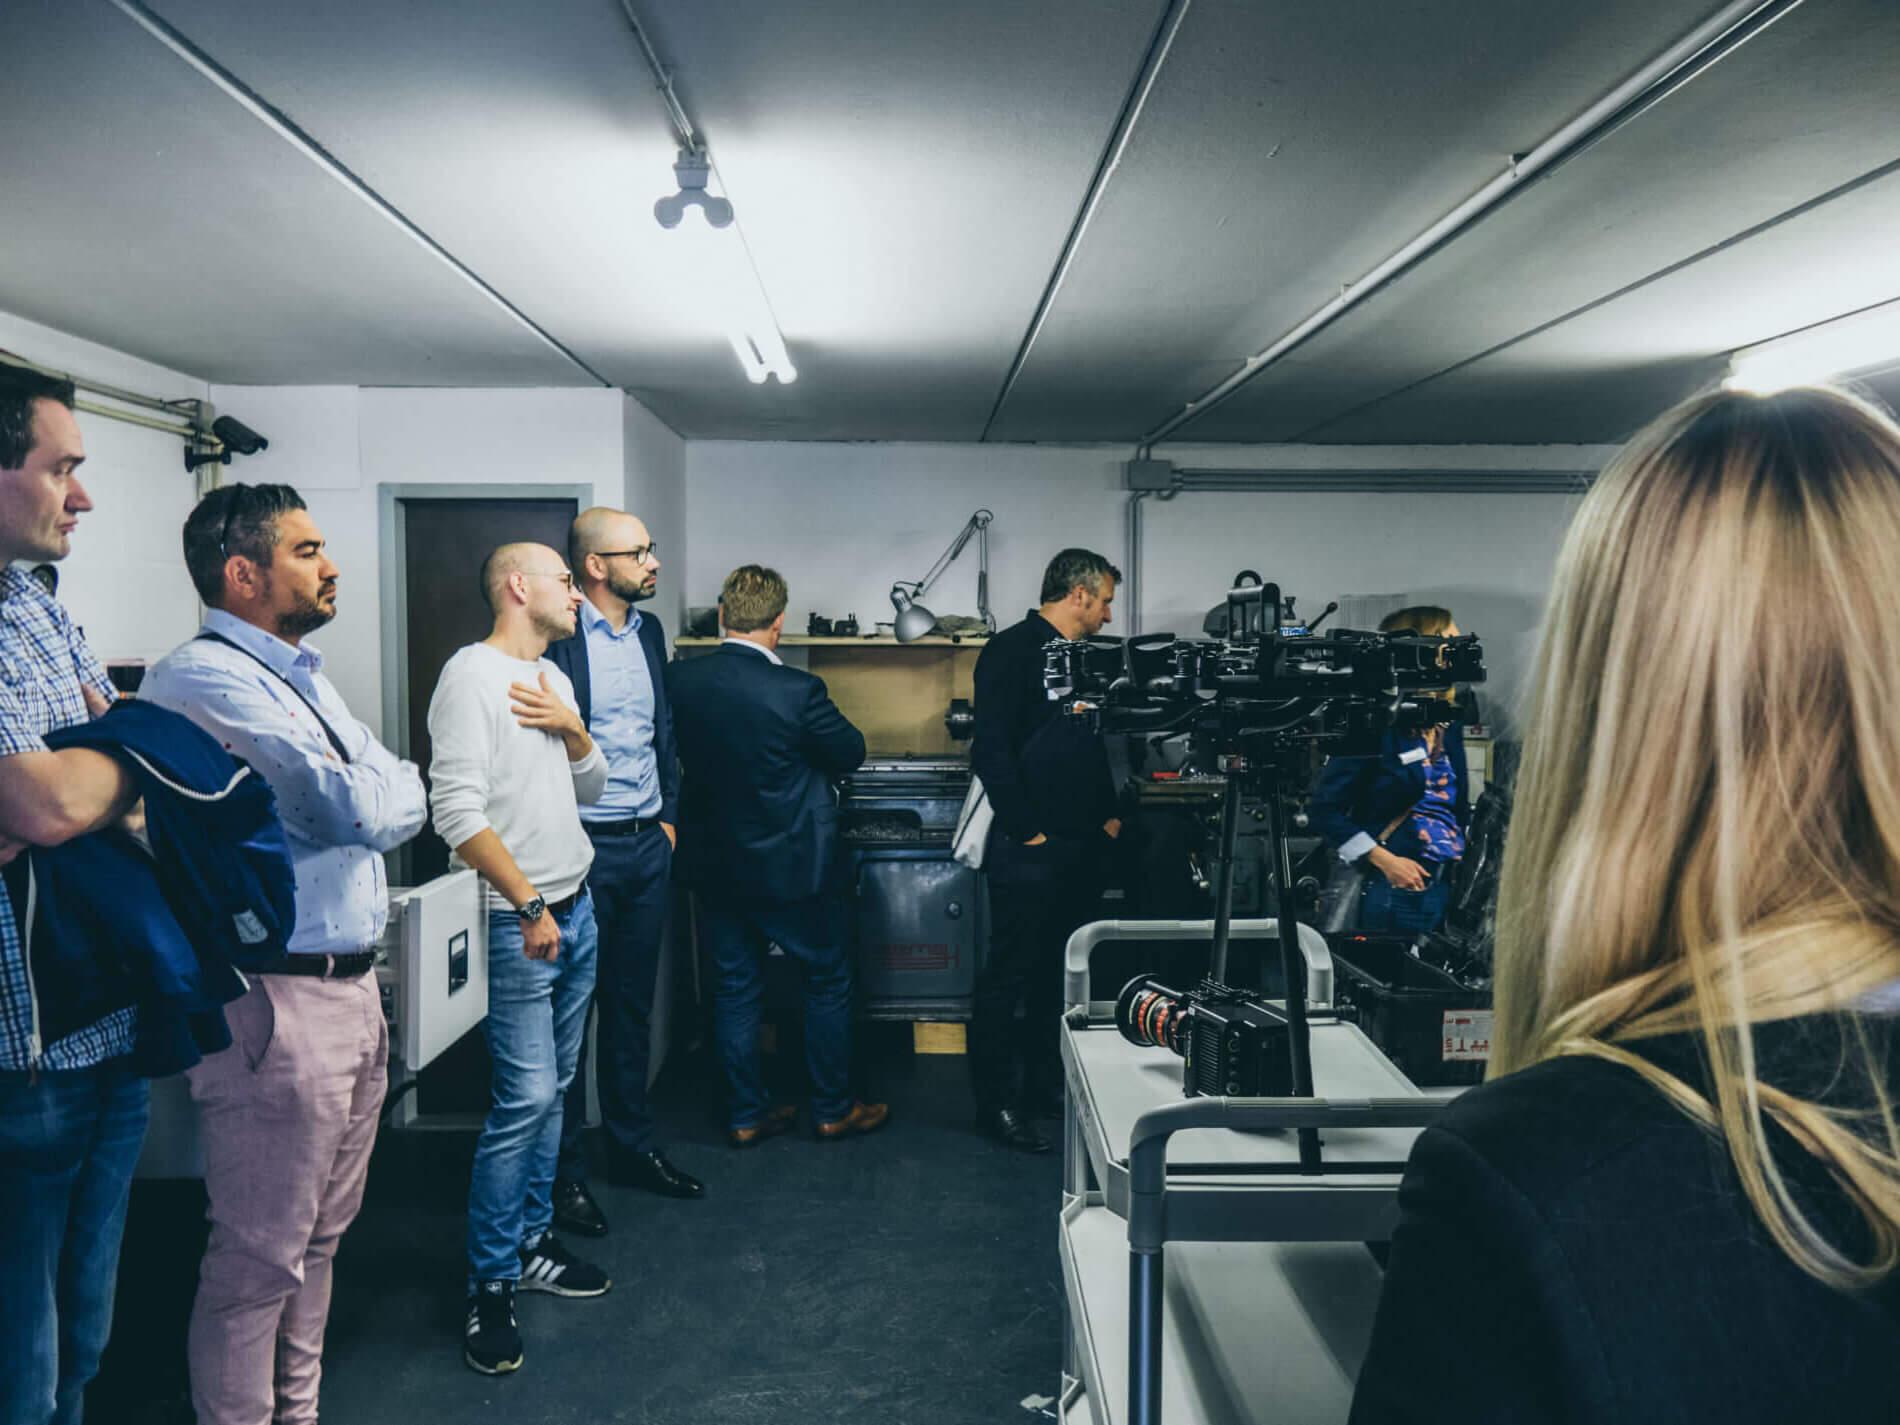 LOGXON-Werkstatt-Arri-Kamera-Freefly-Alta8-Drohne-Mittelstand-4.0-Kompetenzzentrum-Darmstadt-IHK-Darmstadt-Rhein-Main-Neckar-bei-LOGXON-Digitalisierung-in-Hessen-UAV-Beratung-Drohnen-Berater